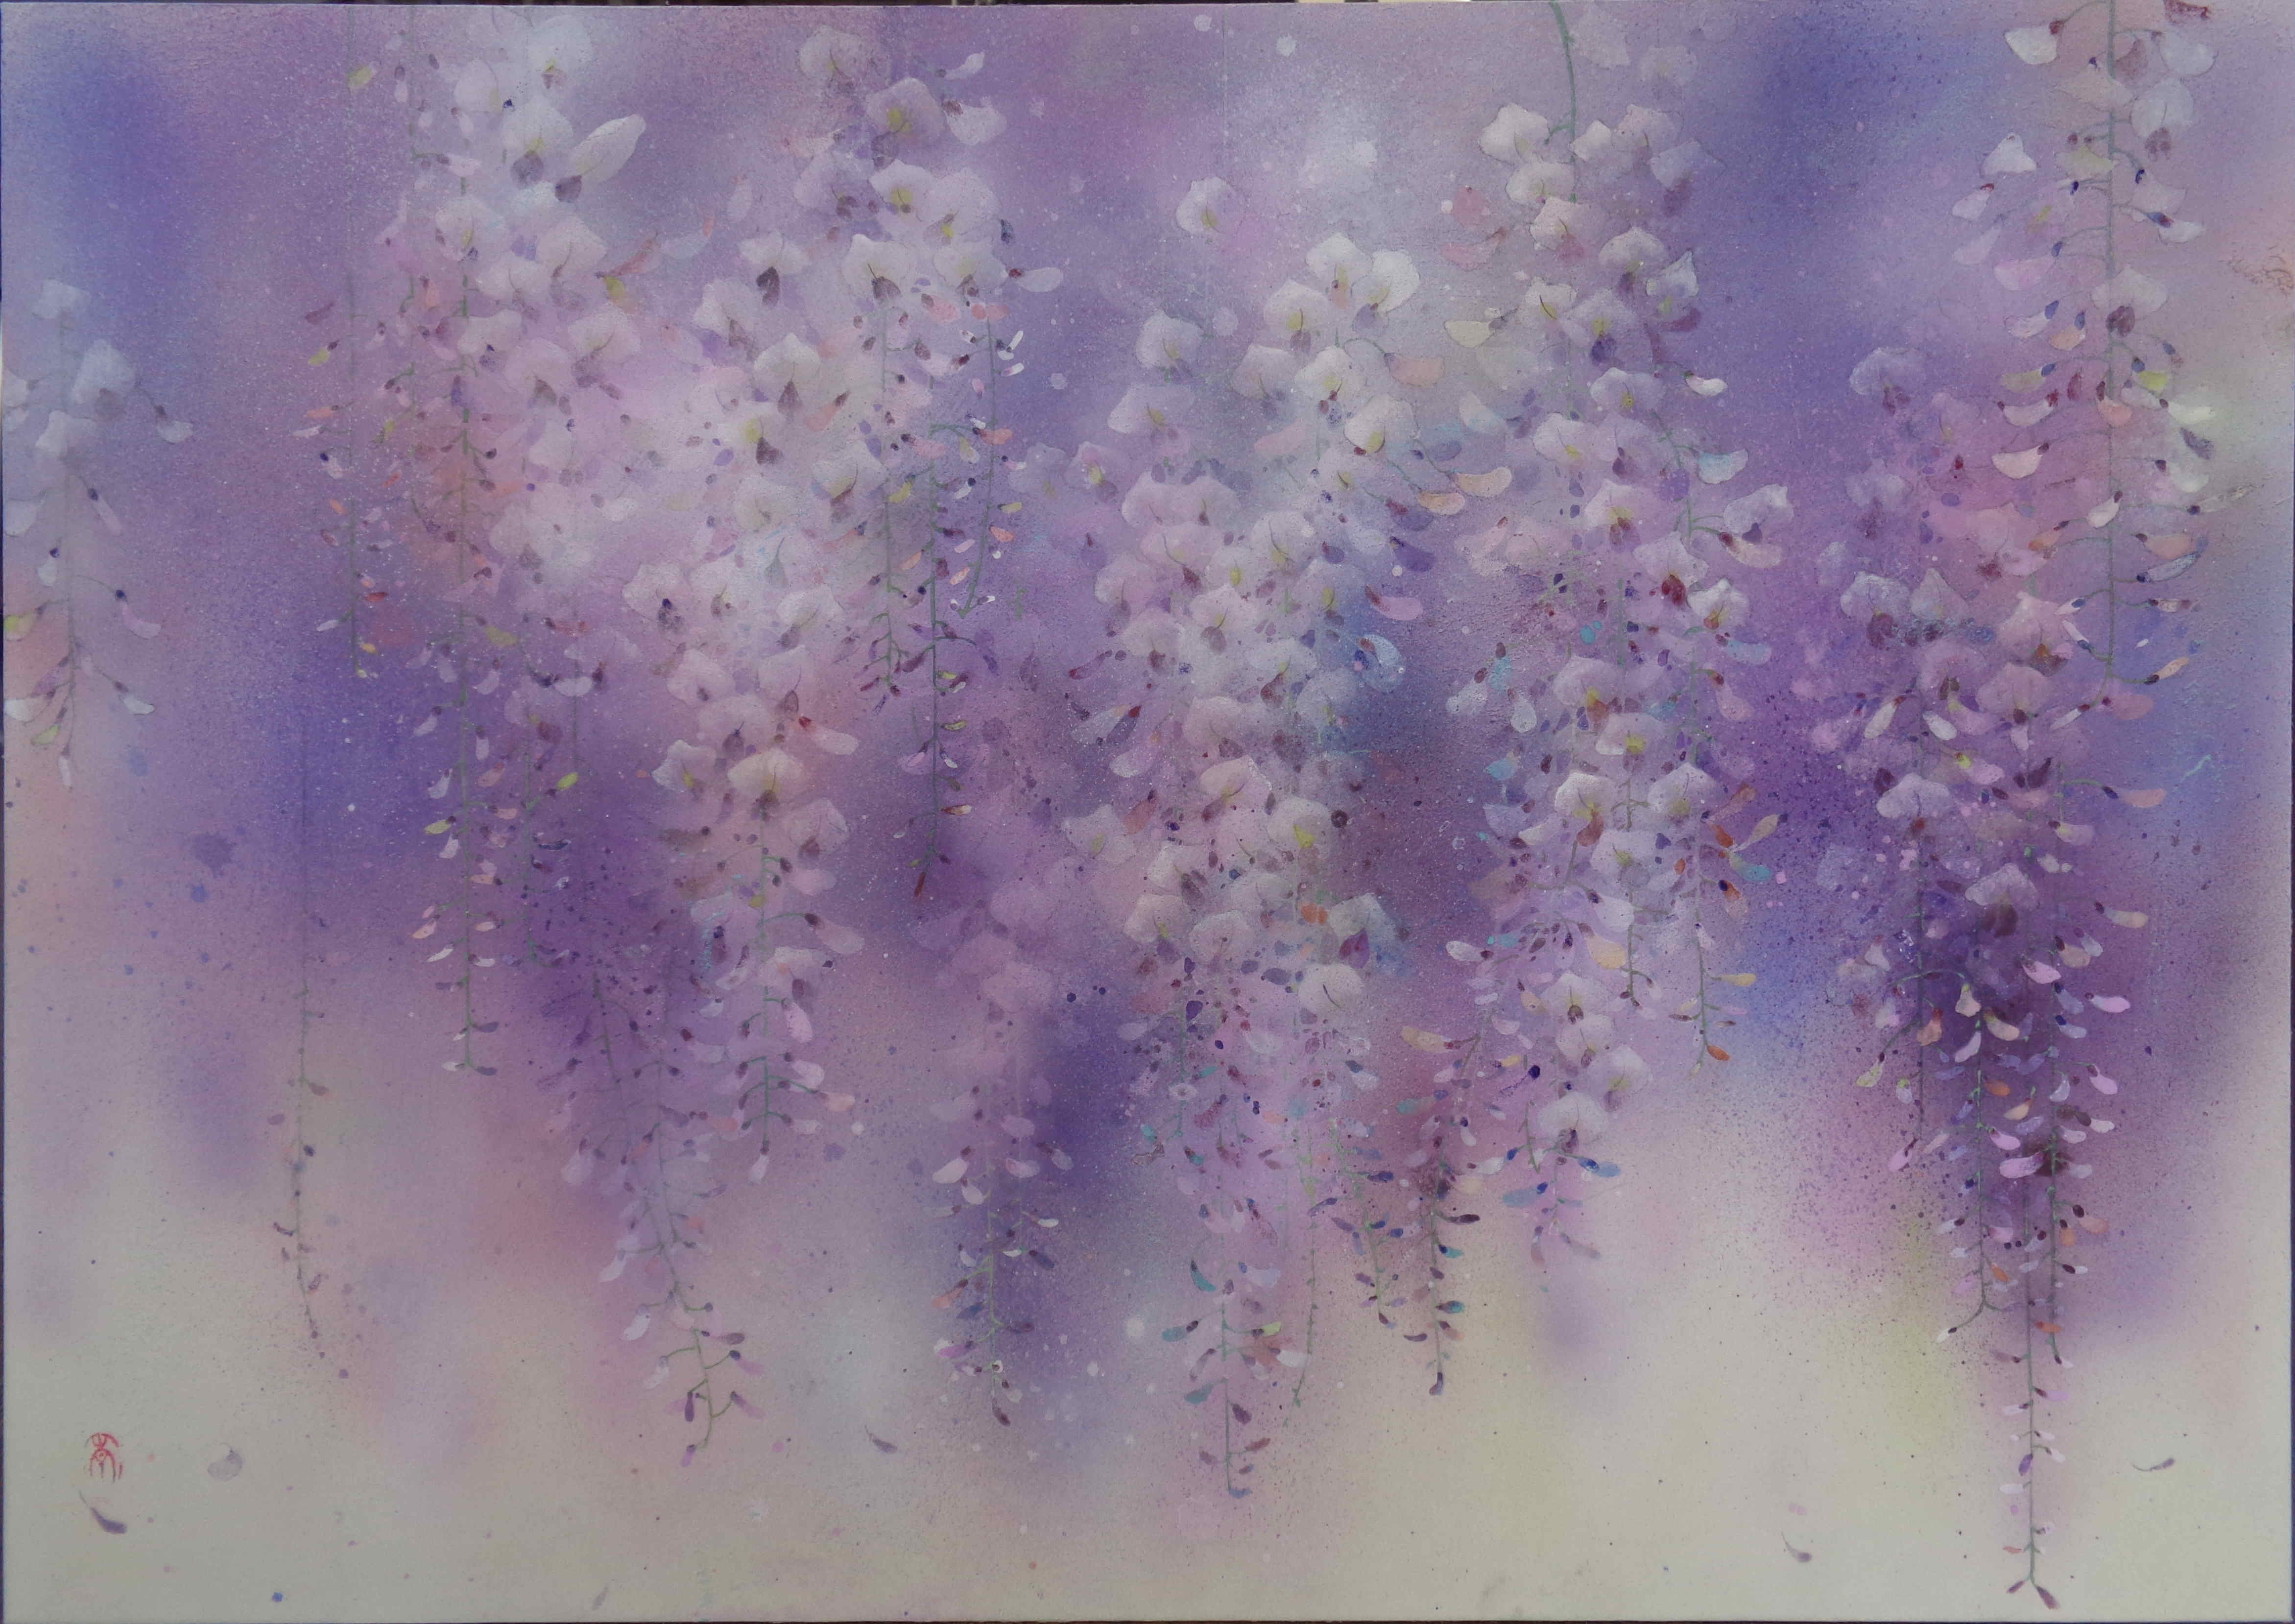 Pluie violette - 50x70 cm / 2020